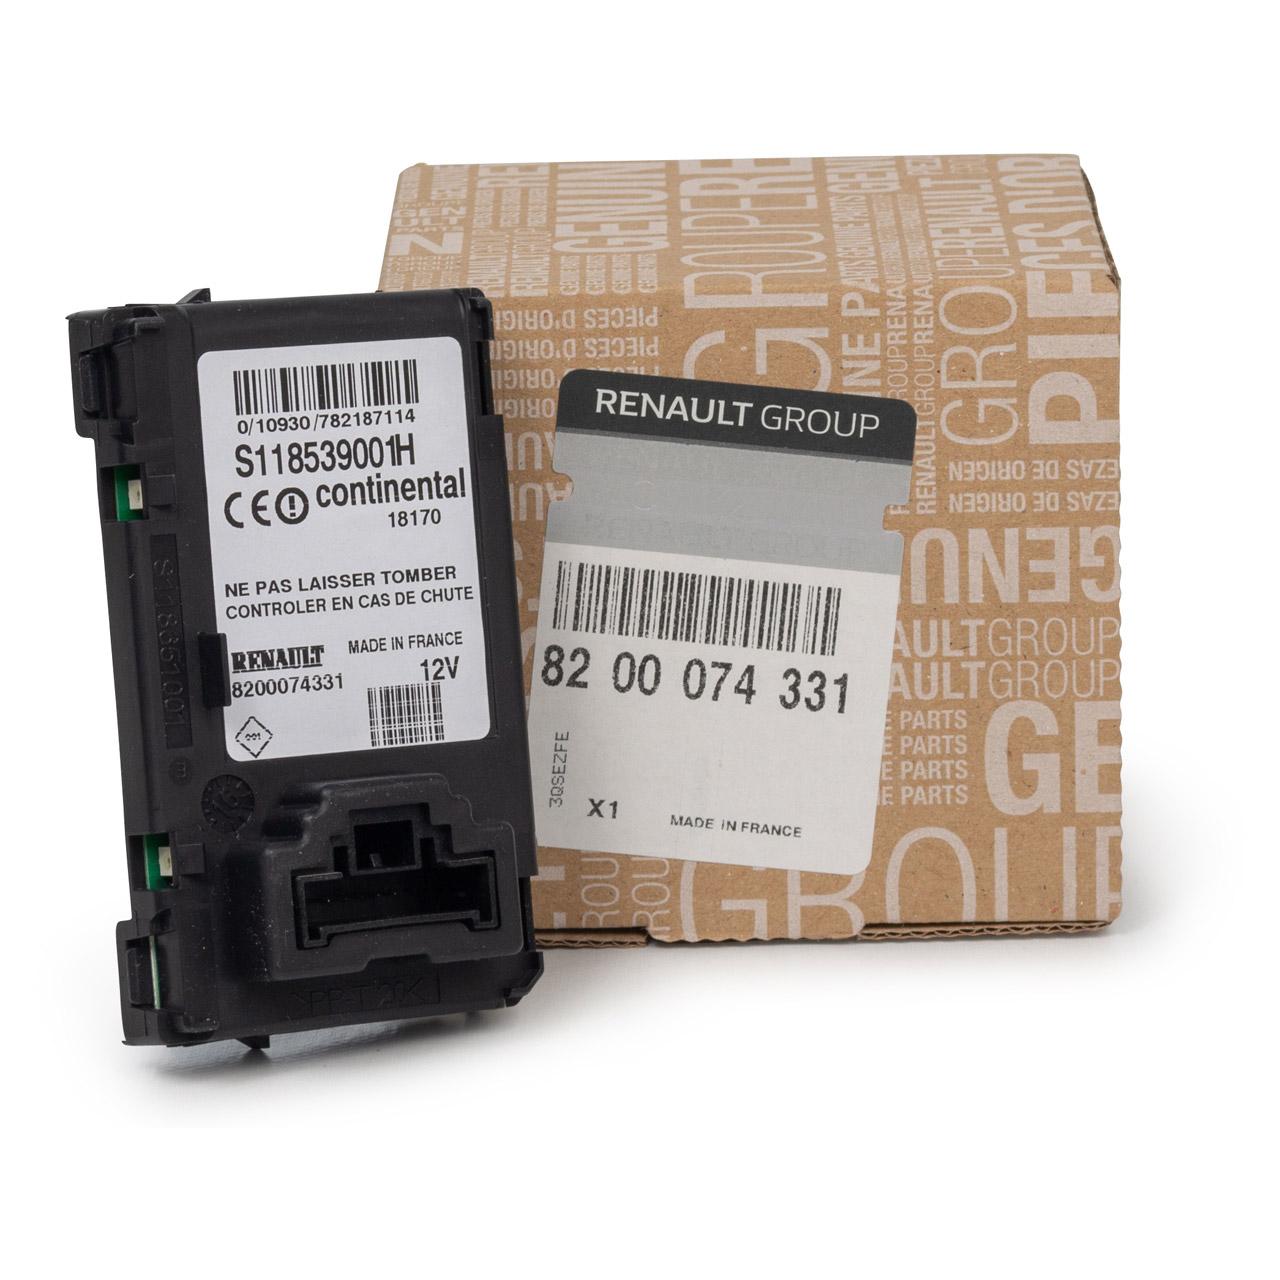 ORIGINAL Renault Kartenlesegerät Keyless entry CLIO 3 MEGANE 2 8200074331